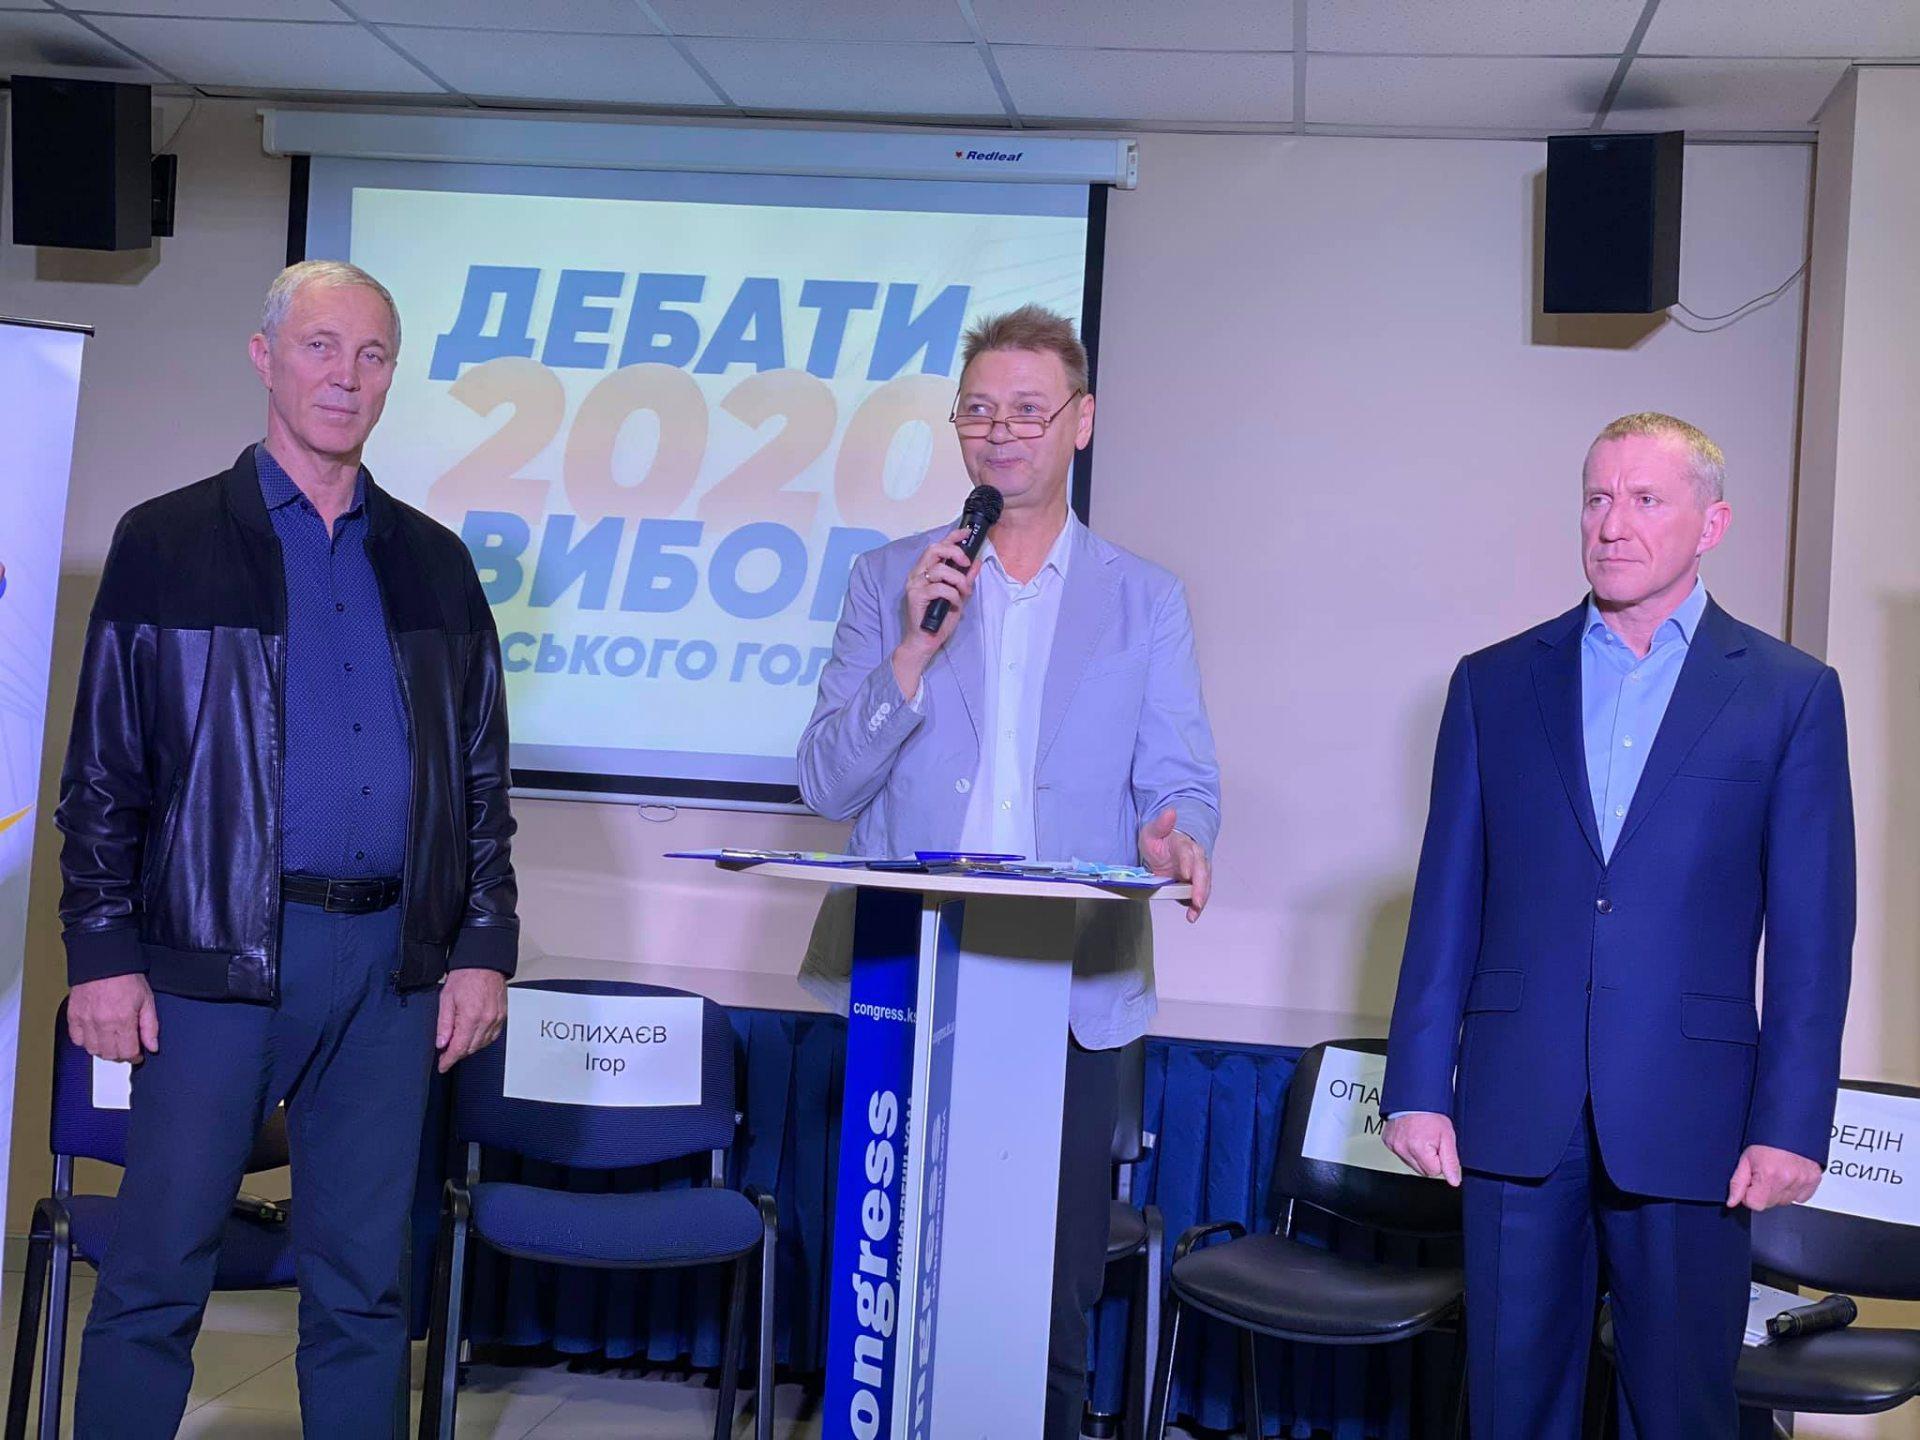 О дебатах кандидатов в мэры Херсона